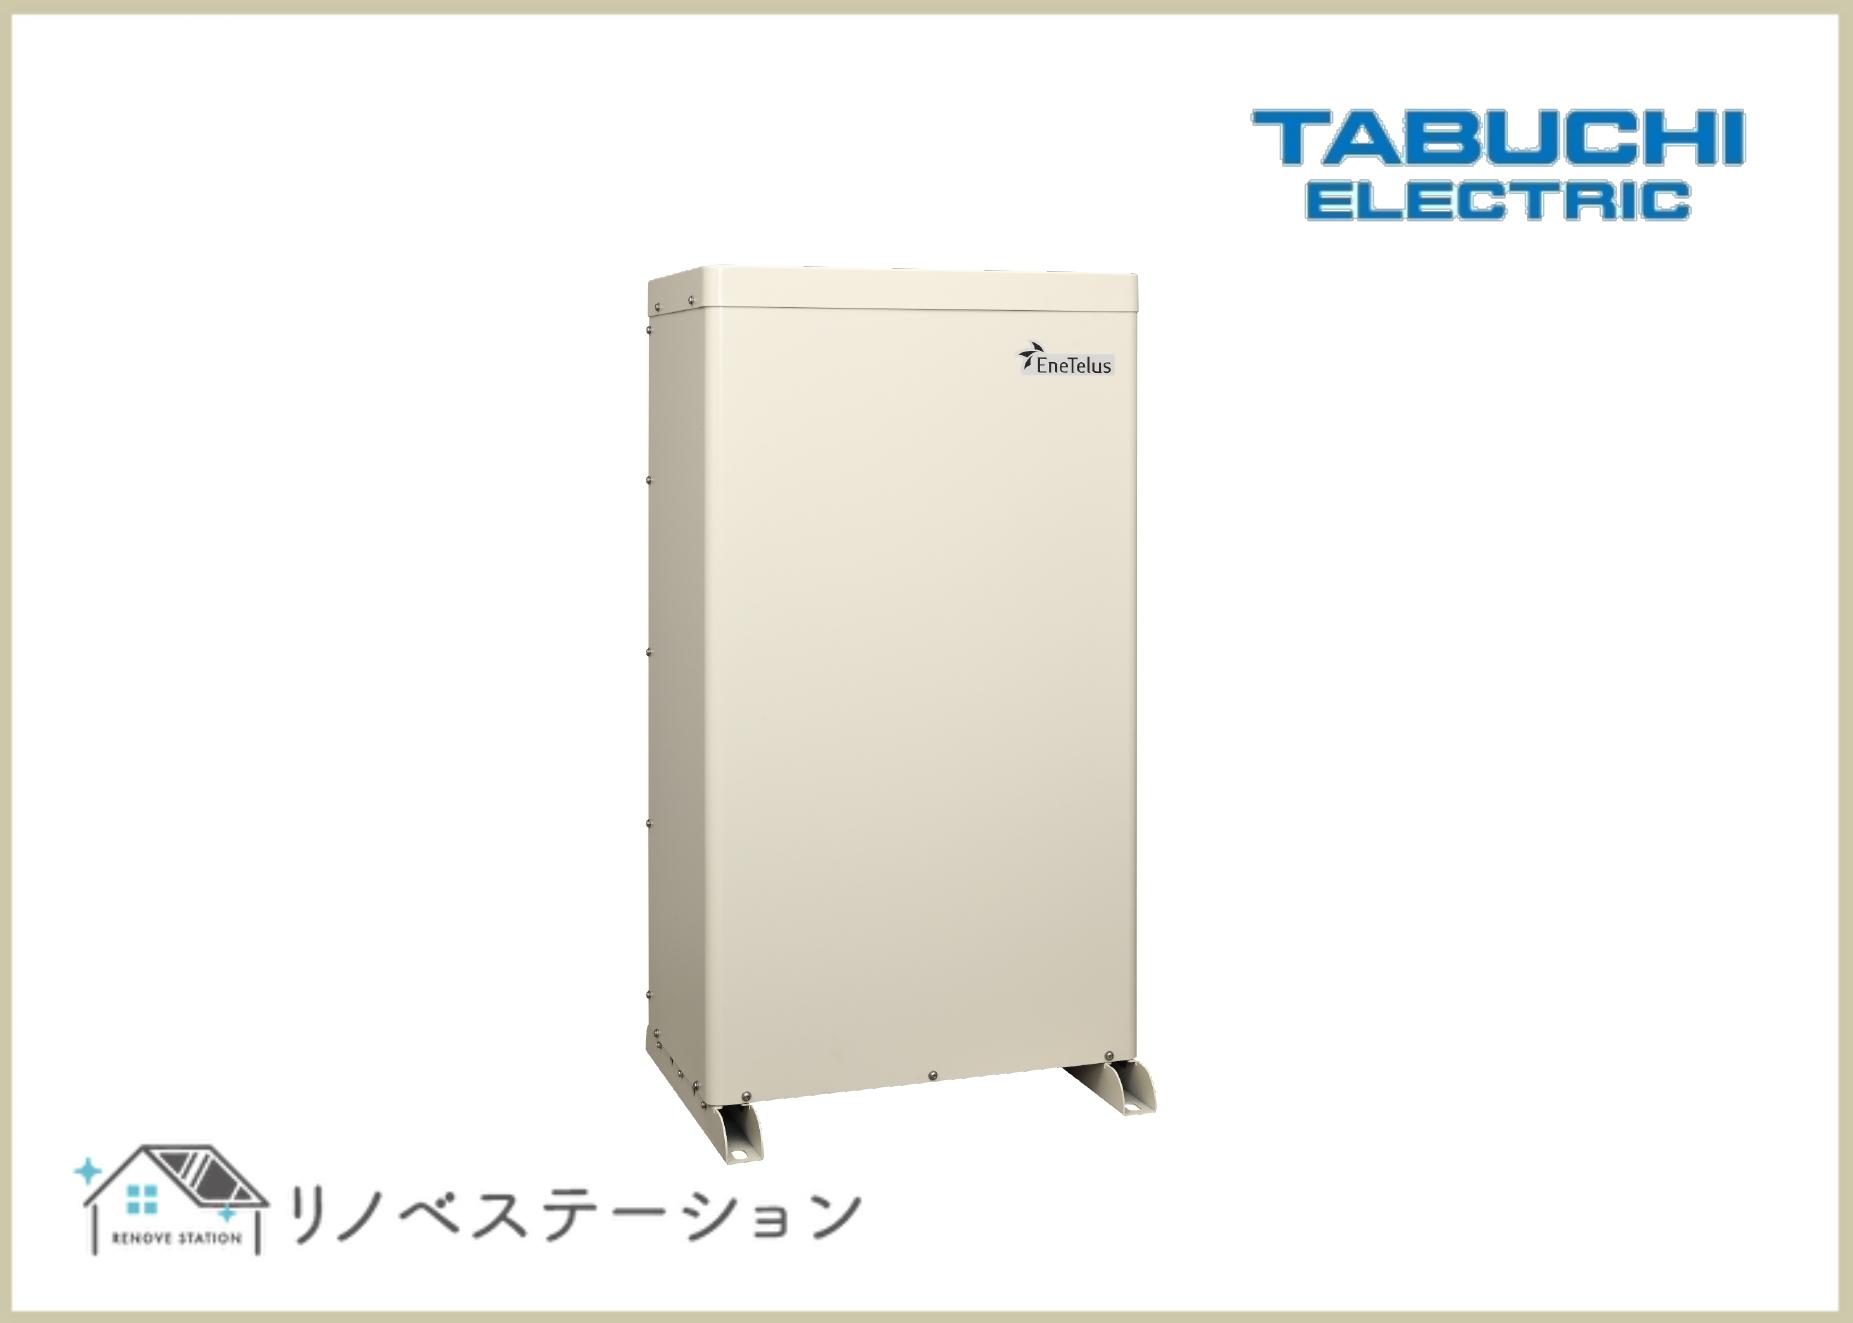 ダイヤゼブラ電機(旧:田淵電機) EOD-LB40CSY